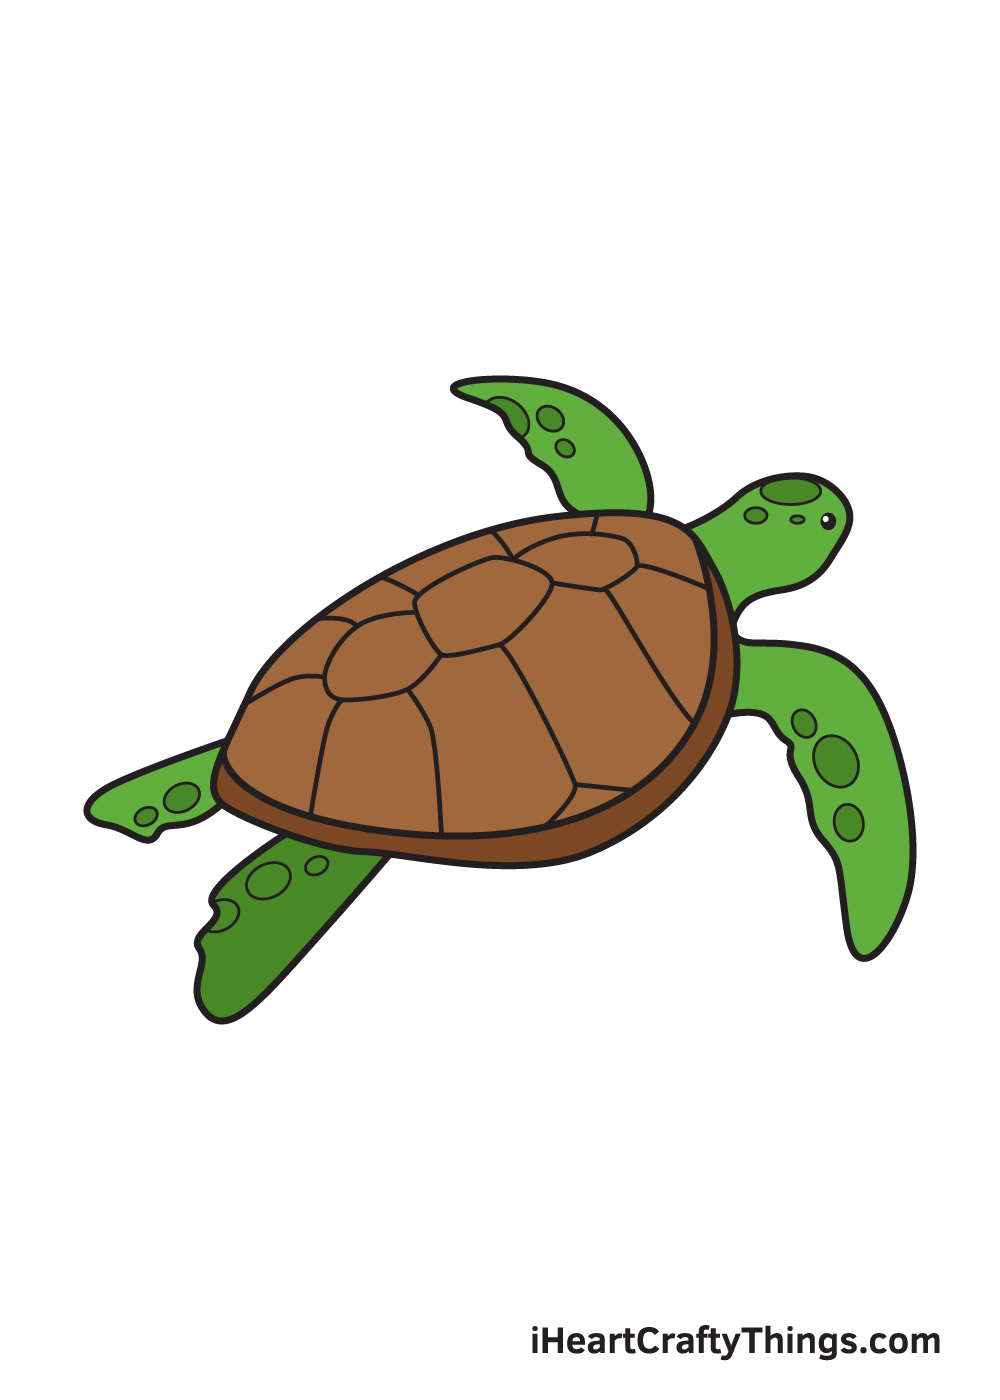 Vẽ rùa biển - 9 bước